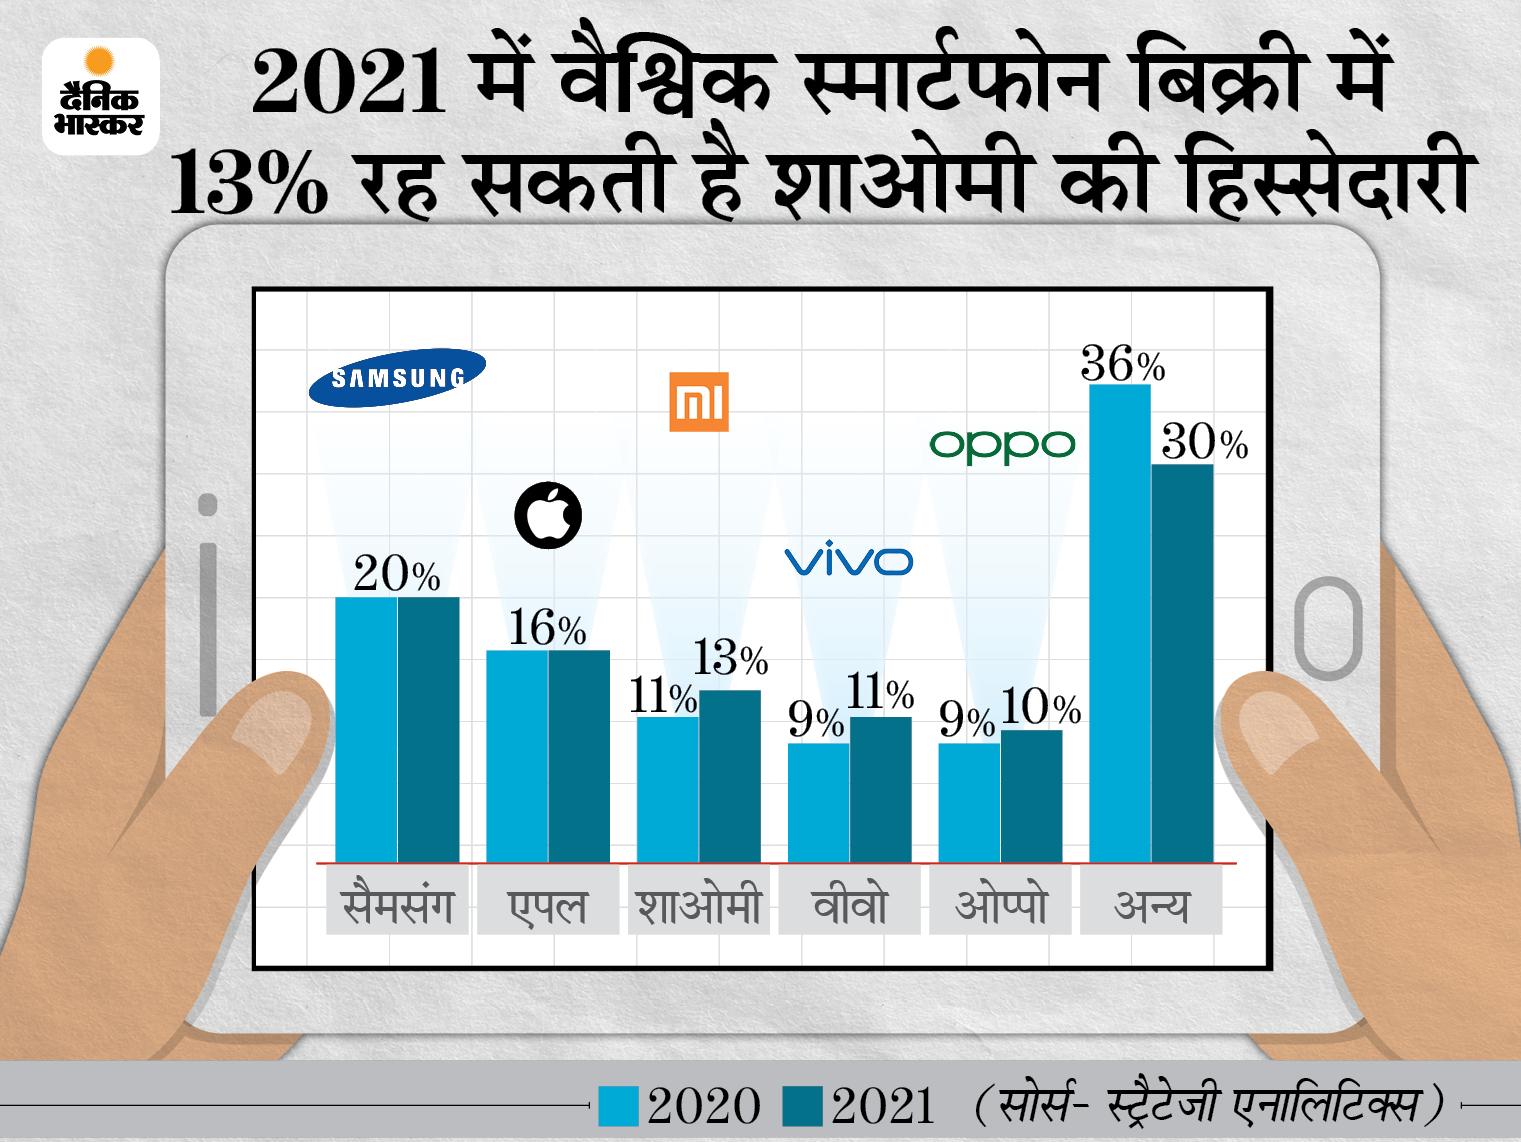 इस साल तीसरा सबसे बड़ा स्मार्टफोन विक्रेता बना जाएगा शाओमी, टॉप पर रहेगी सैमसंग|टेक & ऑटो,Tech & Auto - Dainik Bhaskar